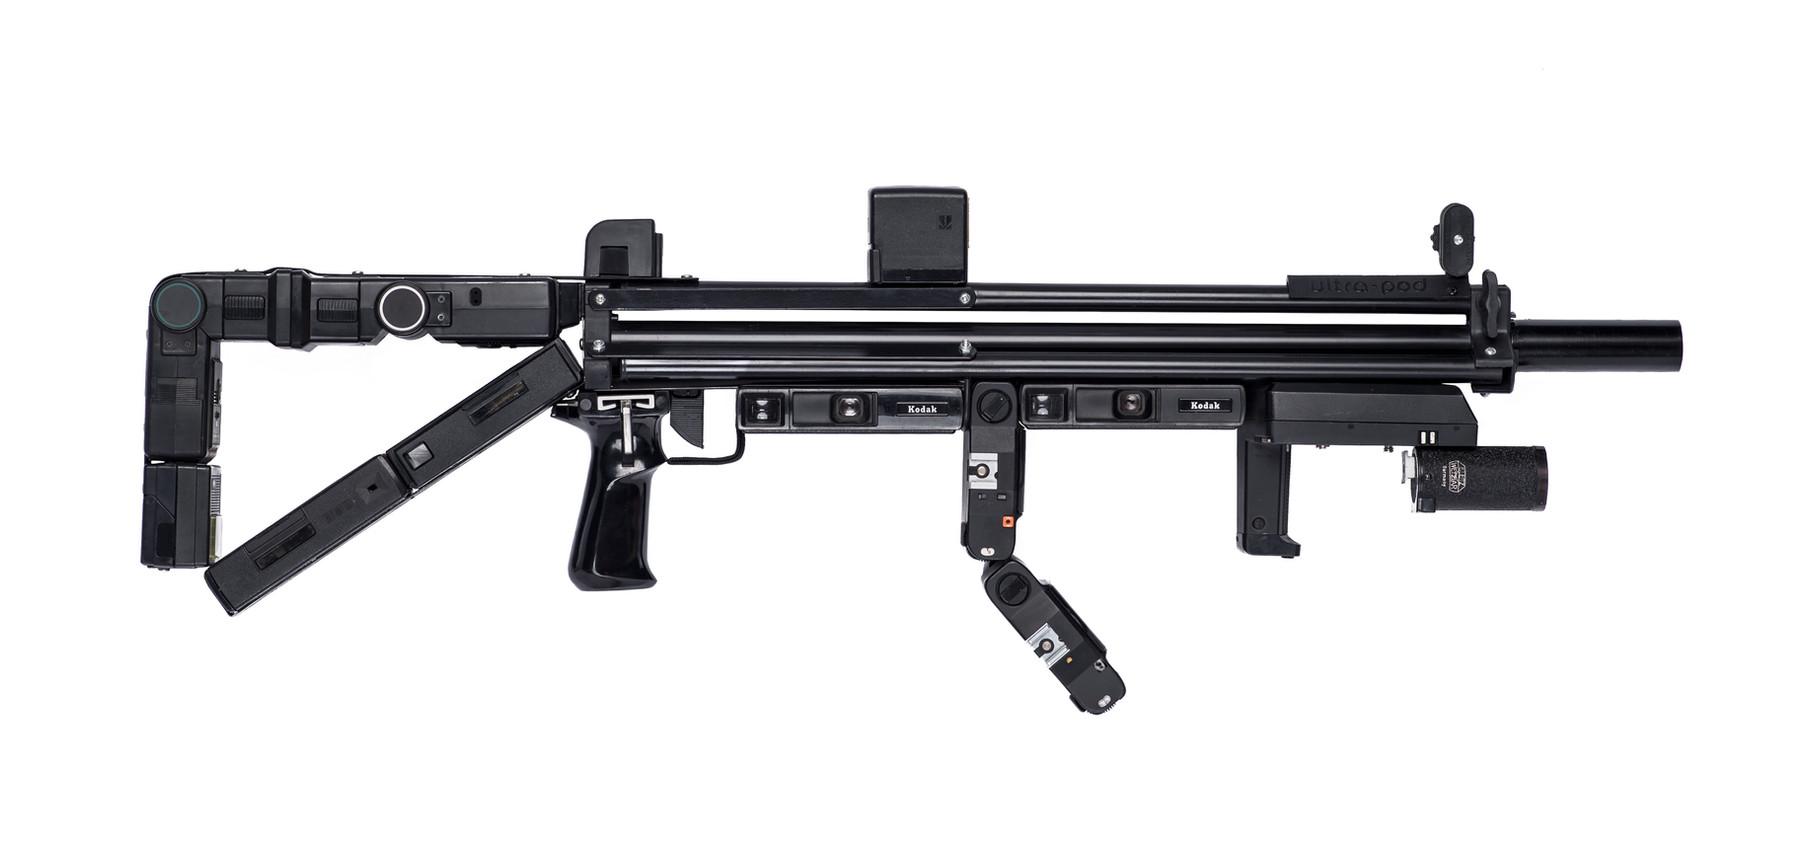 GUN #005